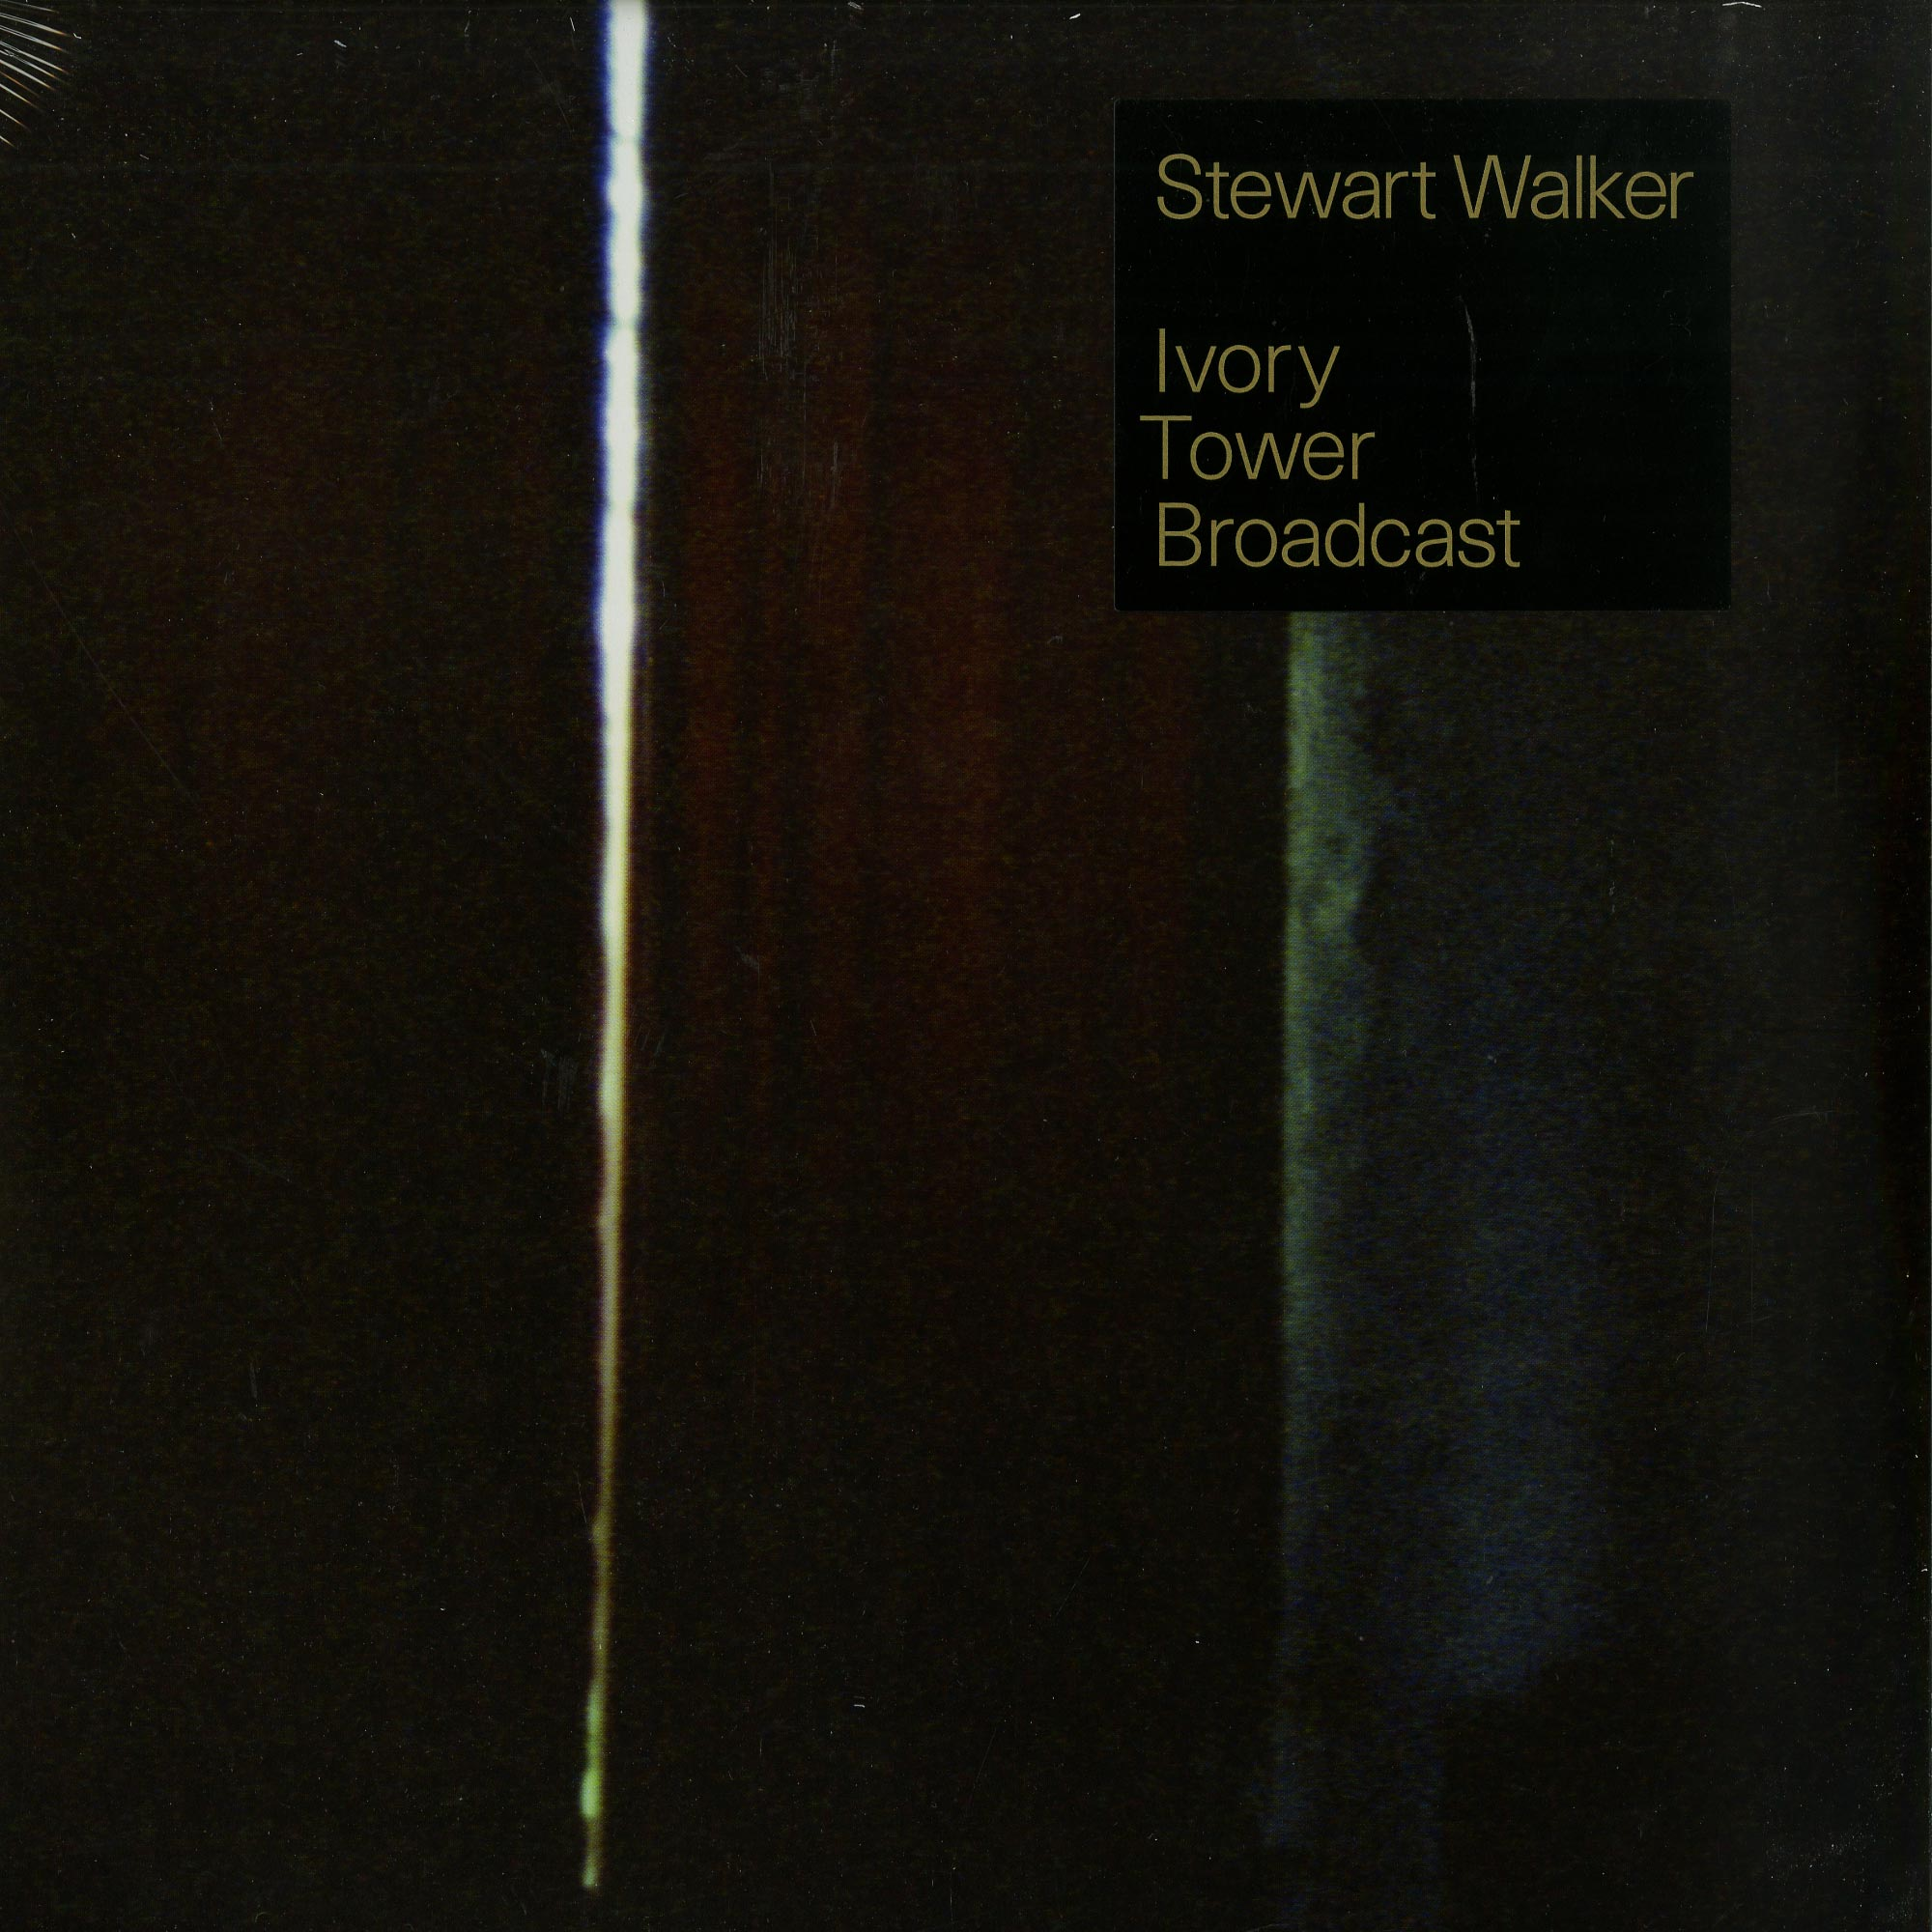 Stewart Walker - IVORY TOWER BROADCAST